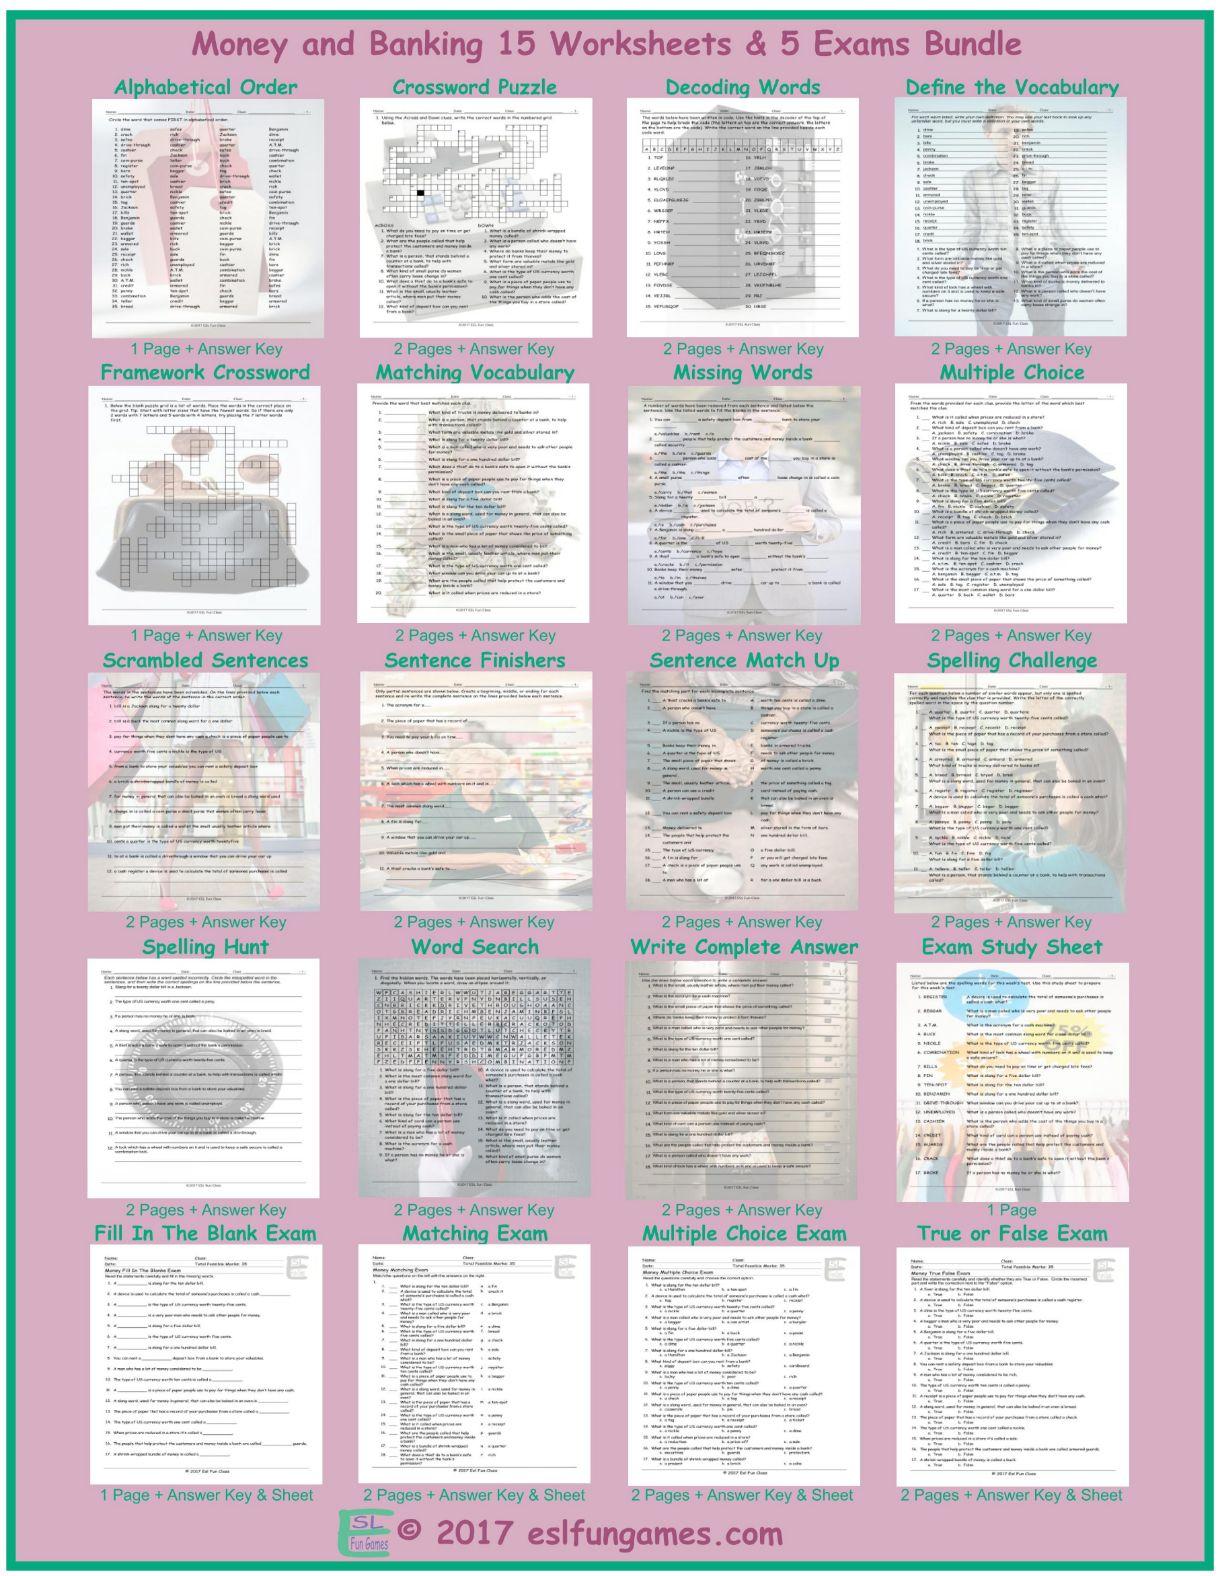 Money Banking 20 Worksheet And Exam Bundle By Eslfungames